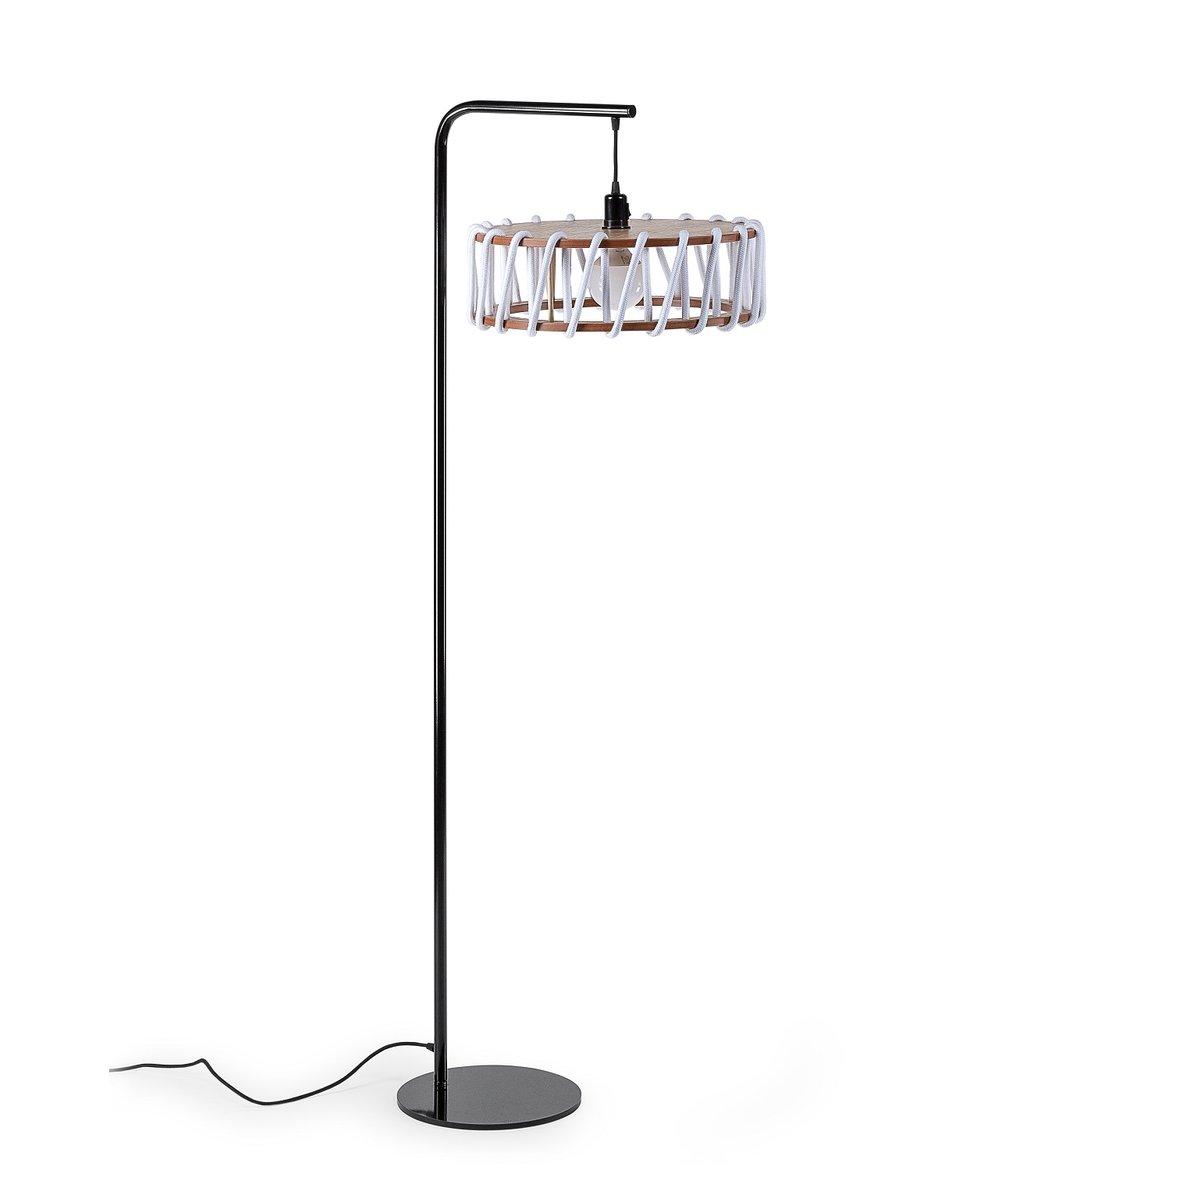 schwarze macaron stehlampe mit gro em wei en schirm von silvia ce al f r emko bei pamono kaufen. Black Bedroom Furniture Sets. Home Design Ideas